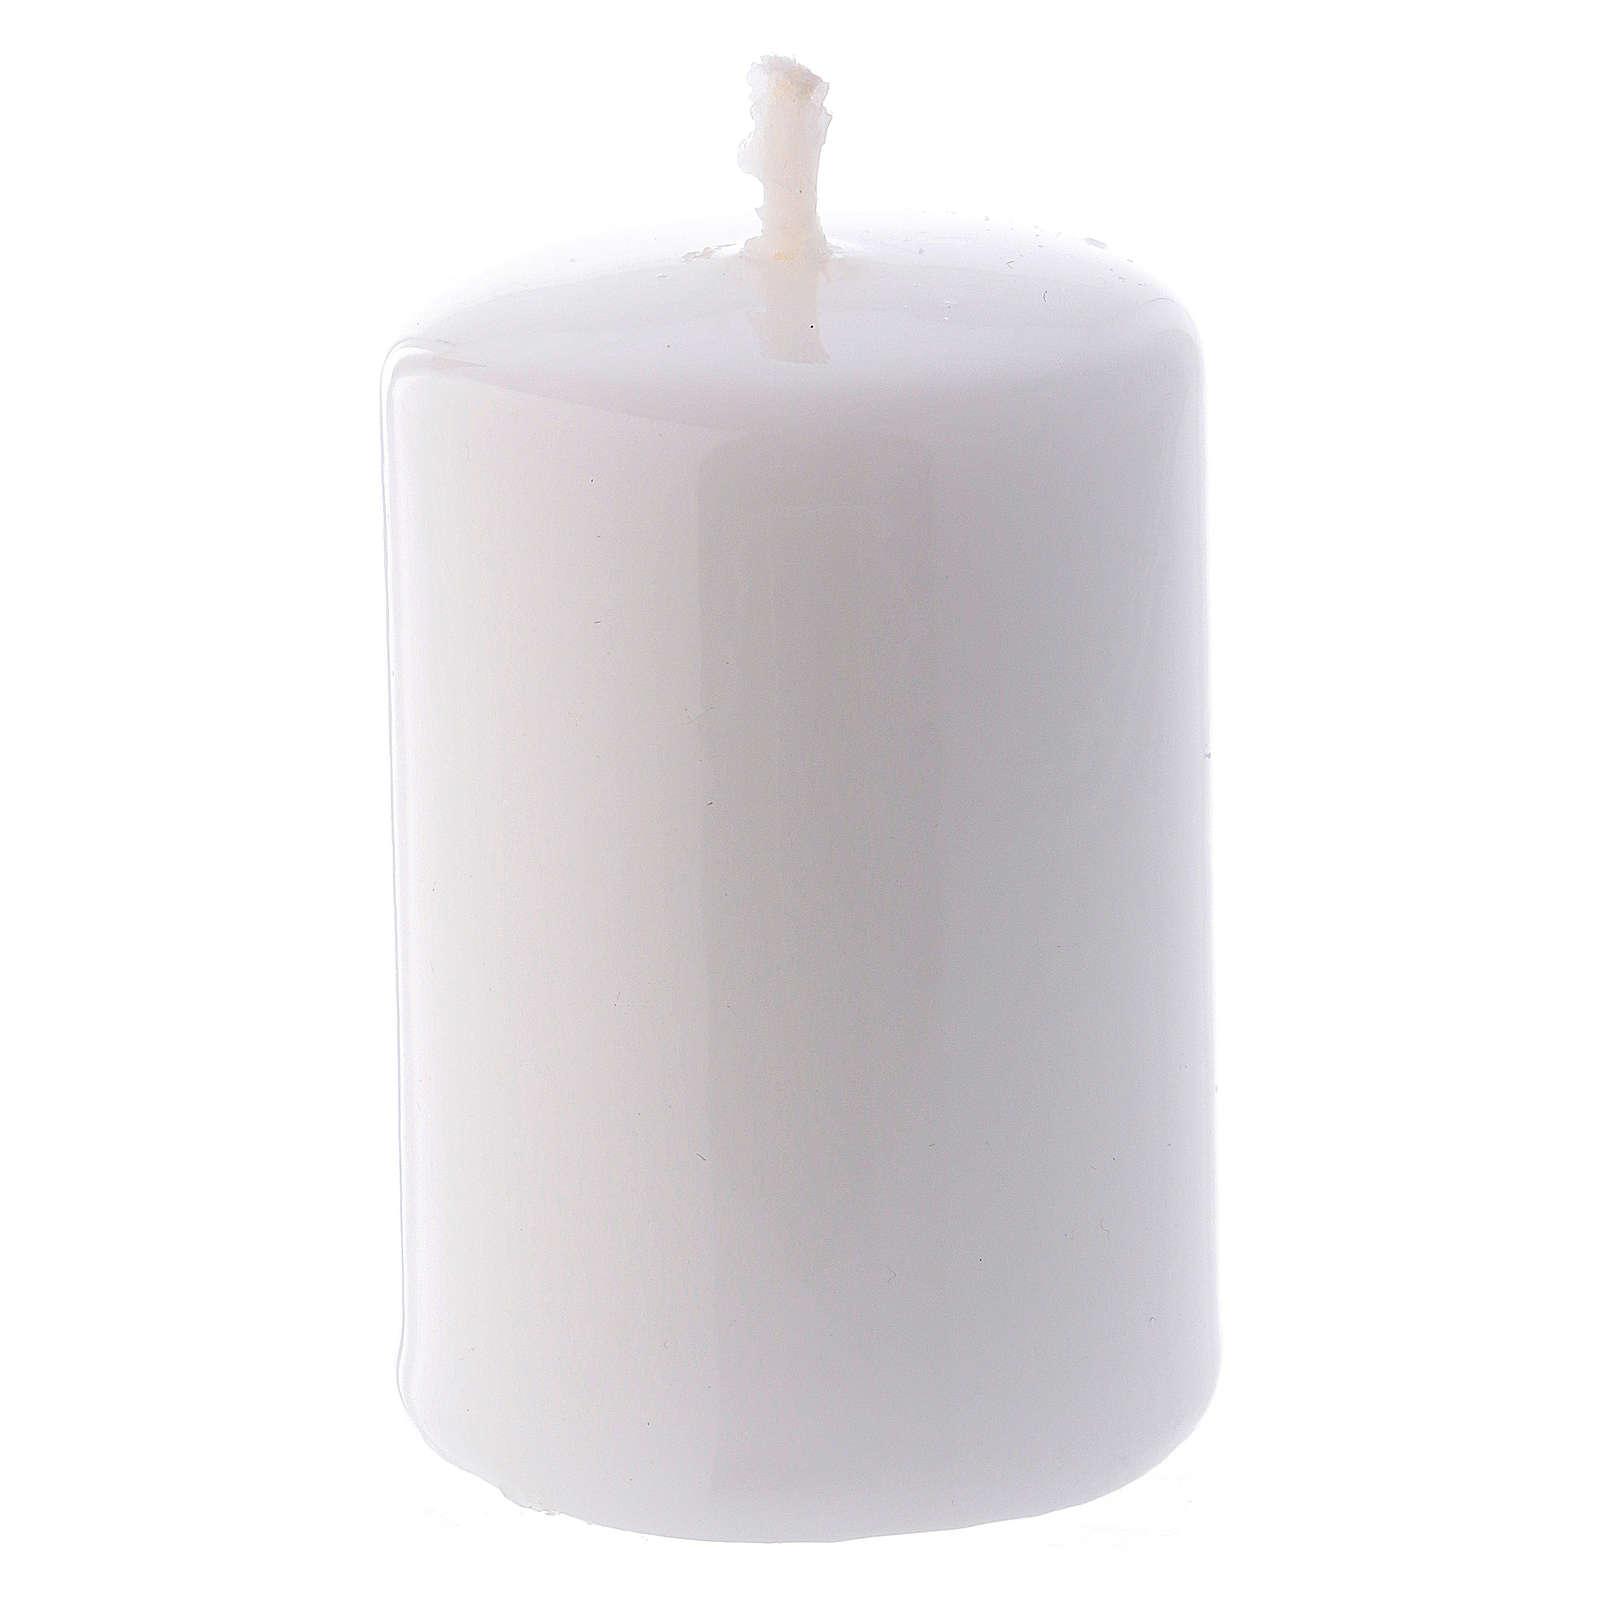 Bougie Brillante Ceralacca 4x6 cm blanche 3